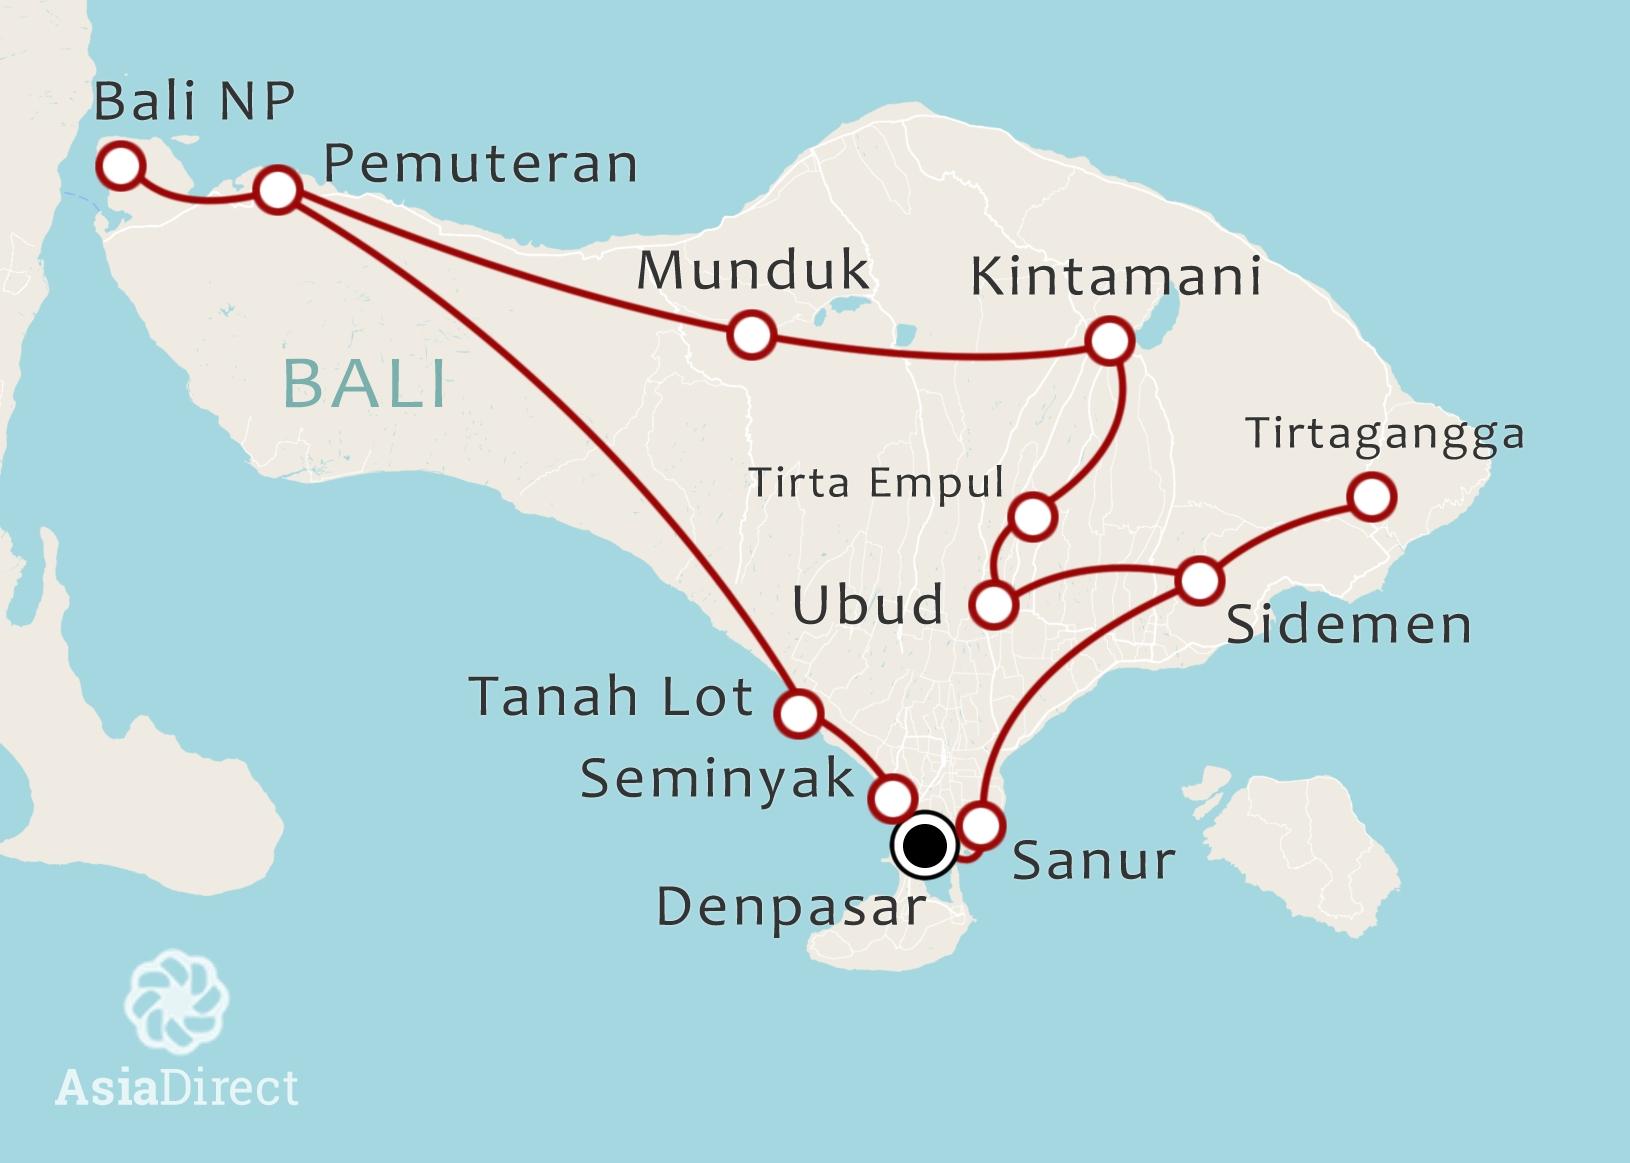 Routekaart 14 Daagse rondreis Bali